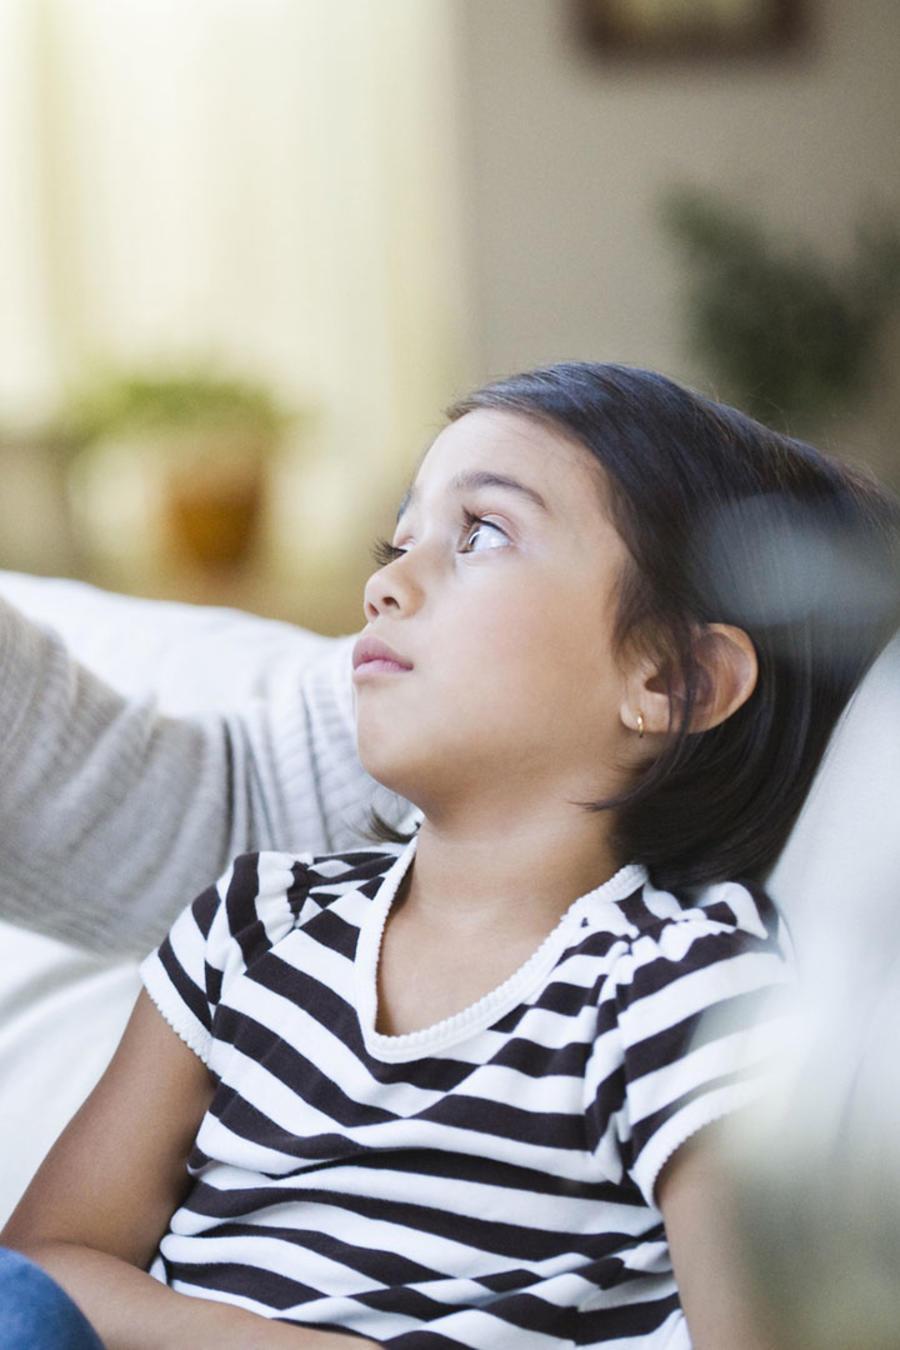 Madre llamando la atención de su hija en el sofá